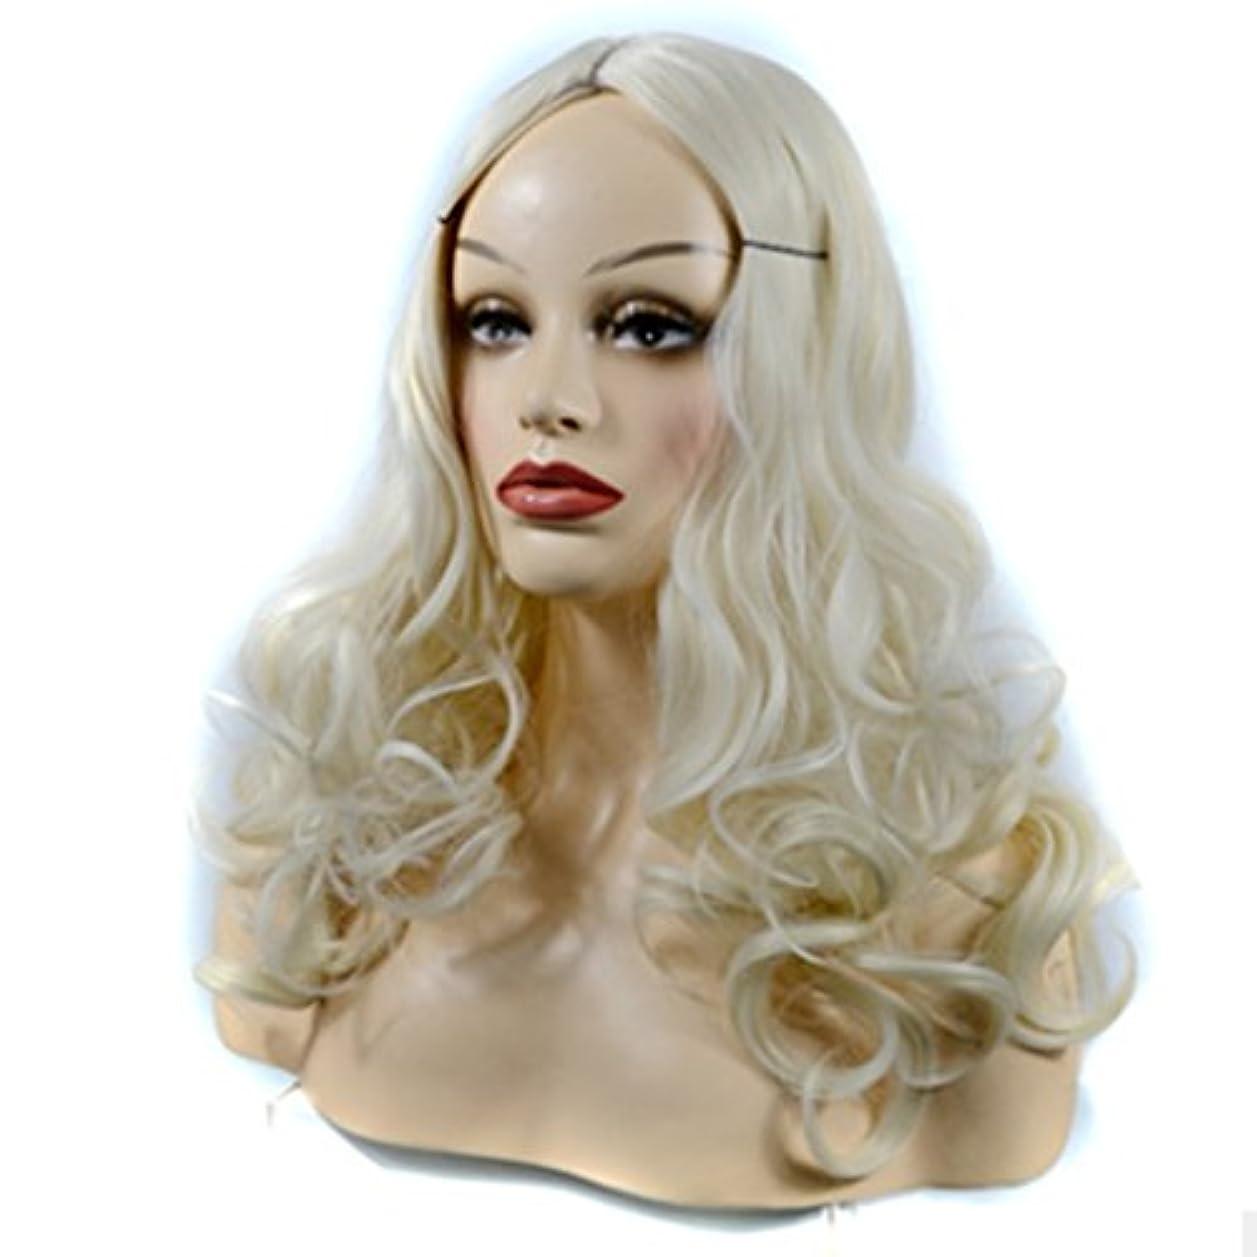 。レーダーナプキンJIANFU 60cm長いカーリーウィッグ、大きなウェーブミドルバンズヘアスタイルレタッチャブルフェイスベージュウィッグ - ナチュラルレディースウィッグ (Color : Beige)